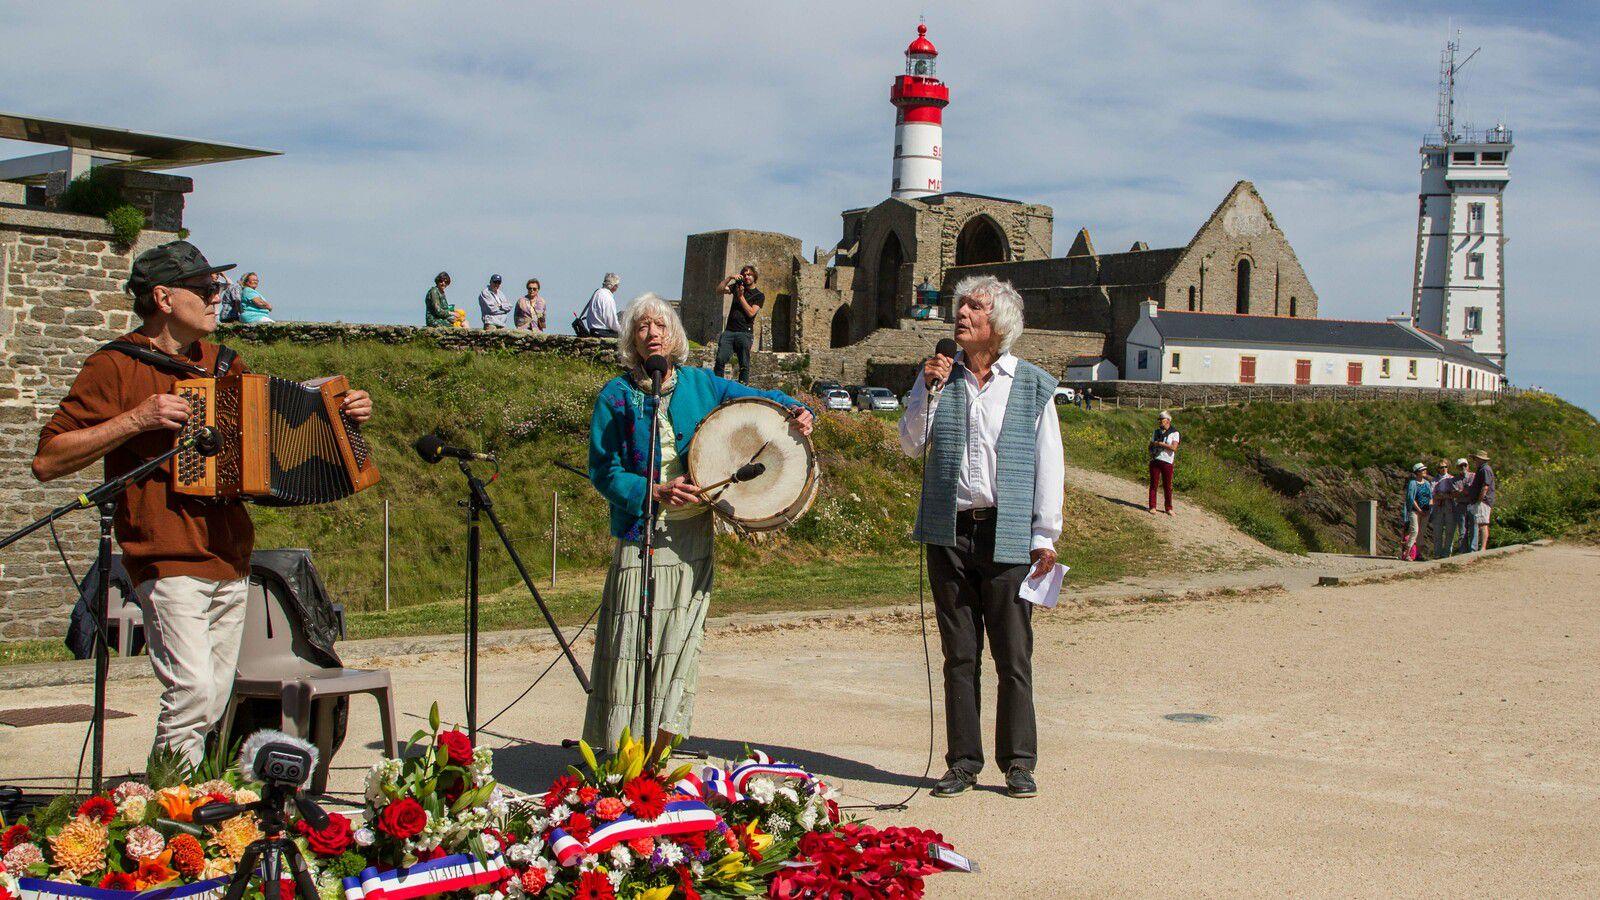 Cérémonie sur l'esplanade du Souvenir Français - avec Dominique Rivière (accordéon) - Photographie : JJ Tréguer (Aux Marins)